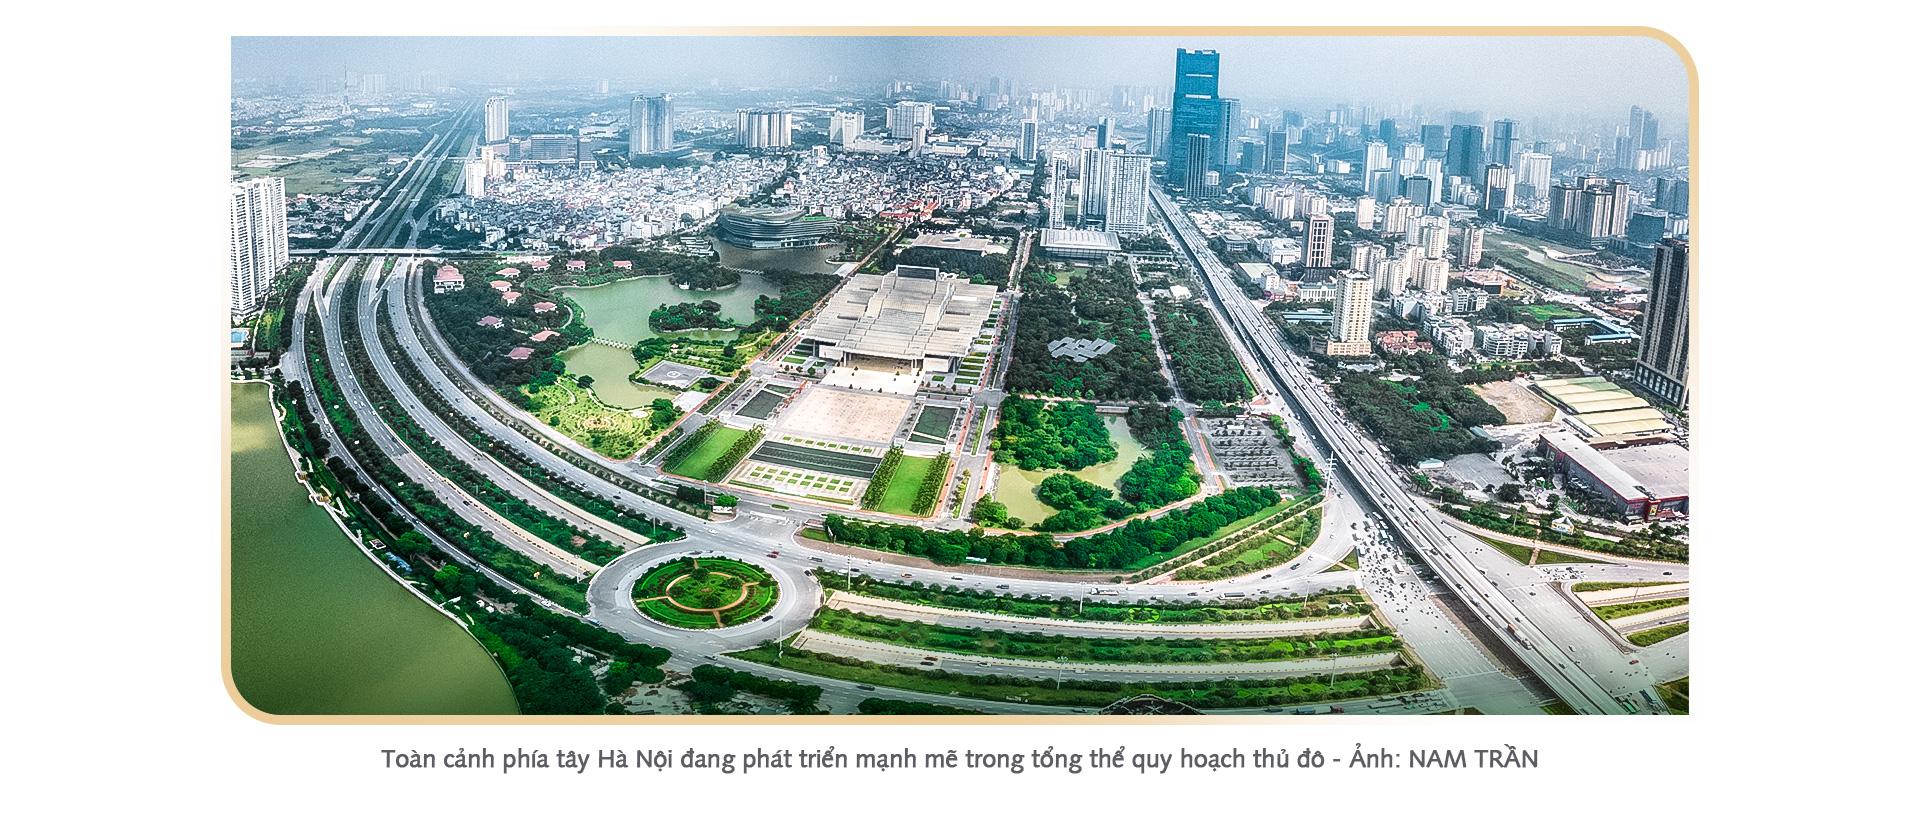 Trung tâm mới phía Tây Hà Nội thu hút nhà đầu tư quốc tế - Ảnh 3.